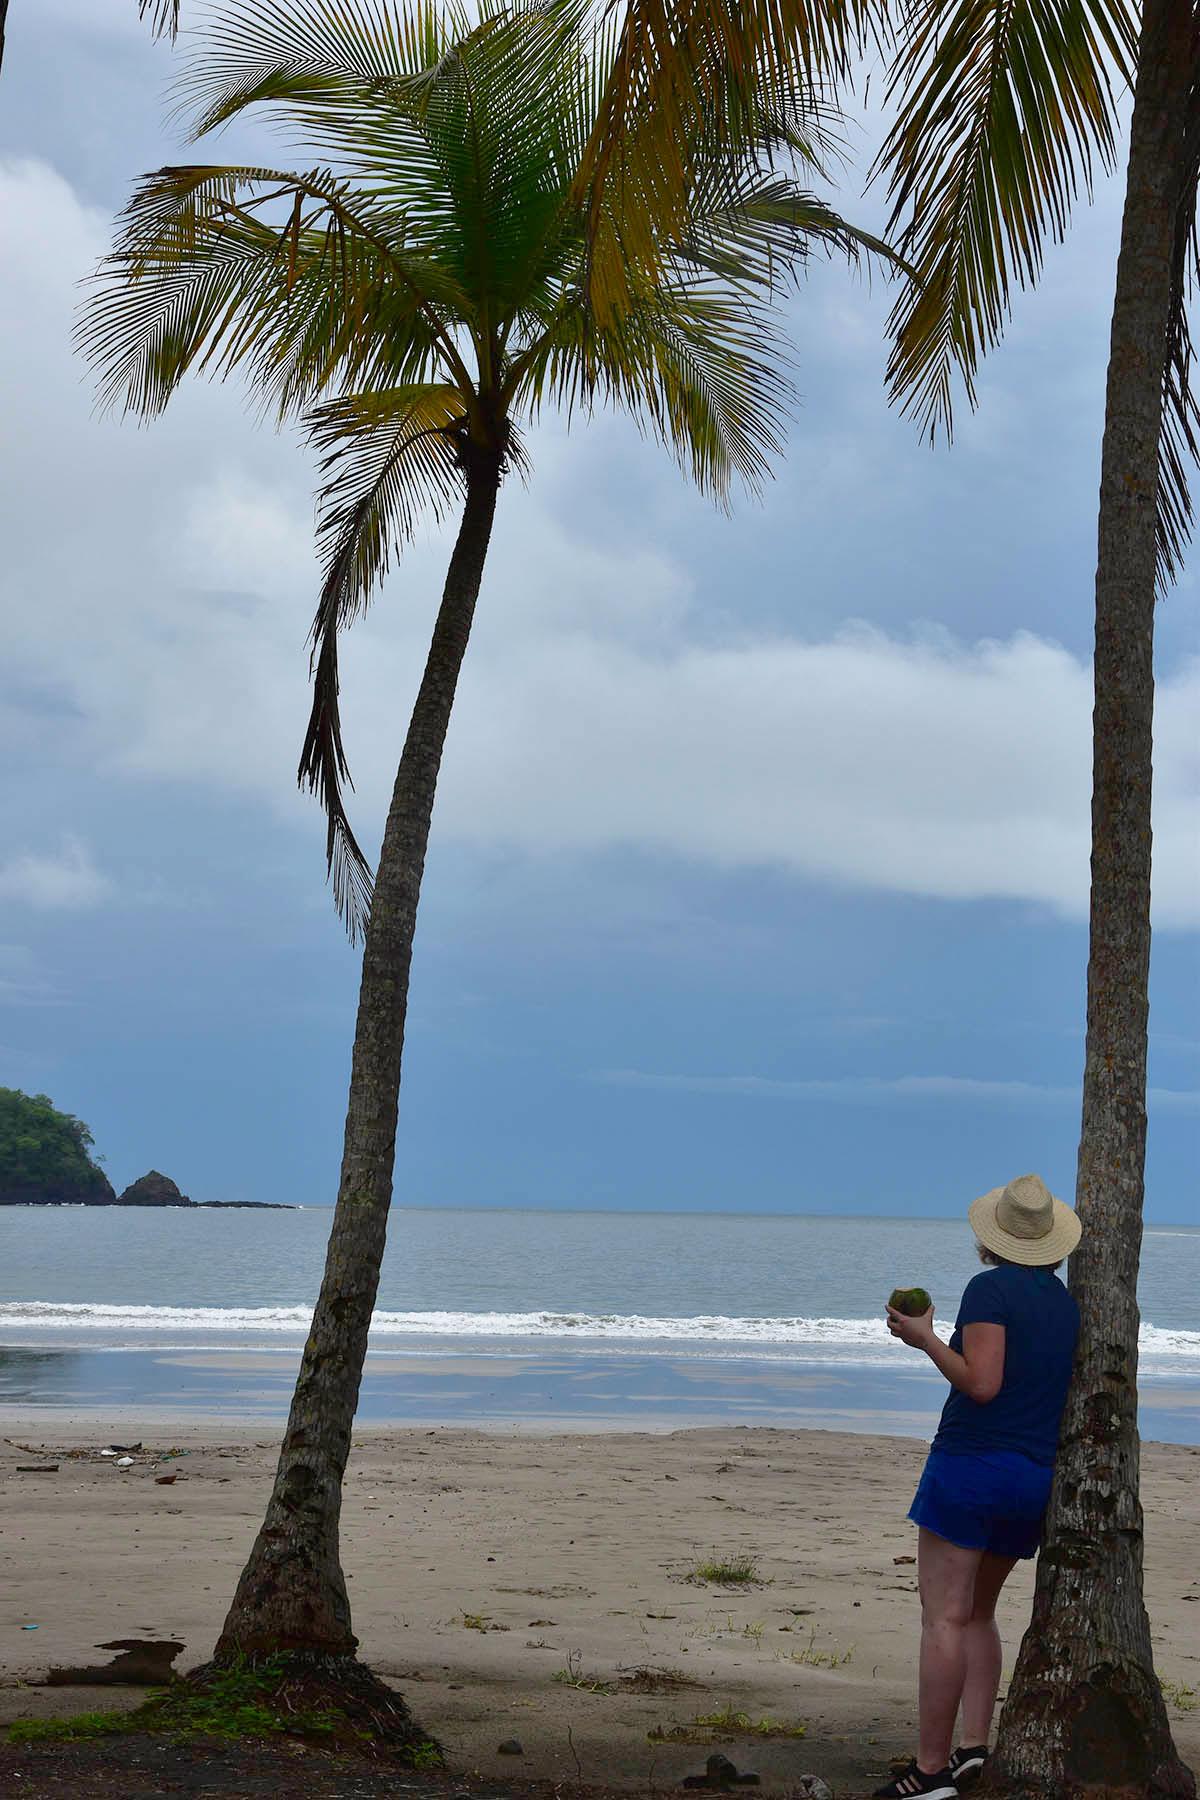 Charlotte sur la Playa Carillo, Péninsule de Nicoya, Costa Rica